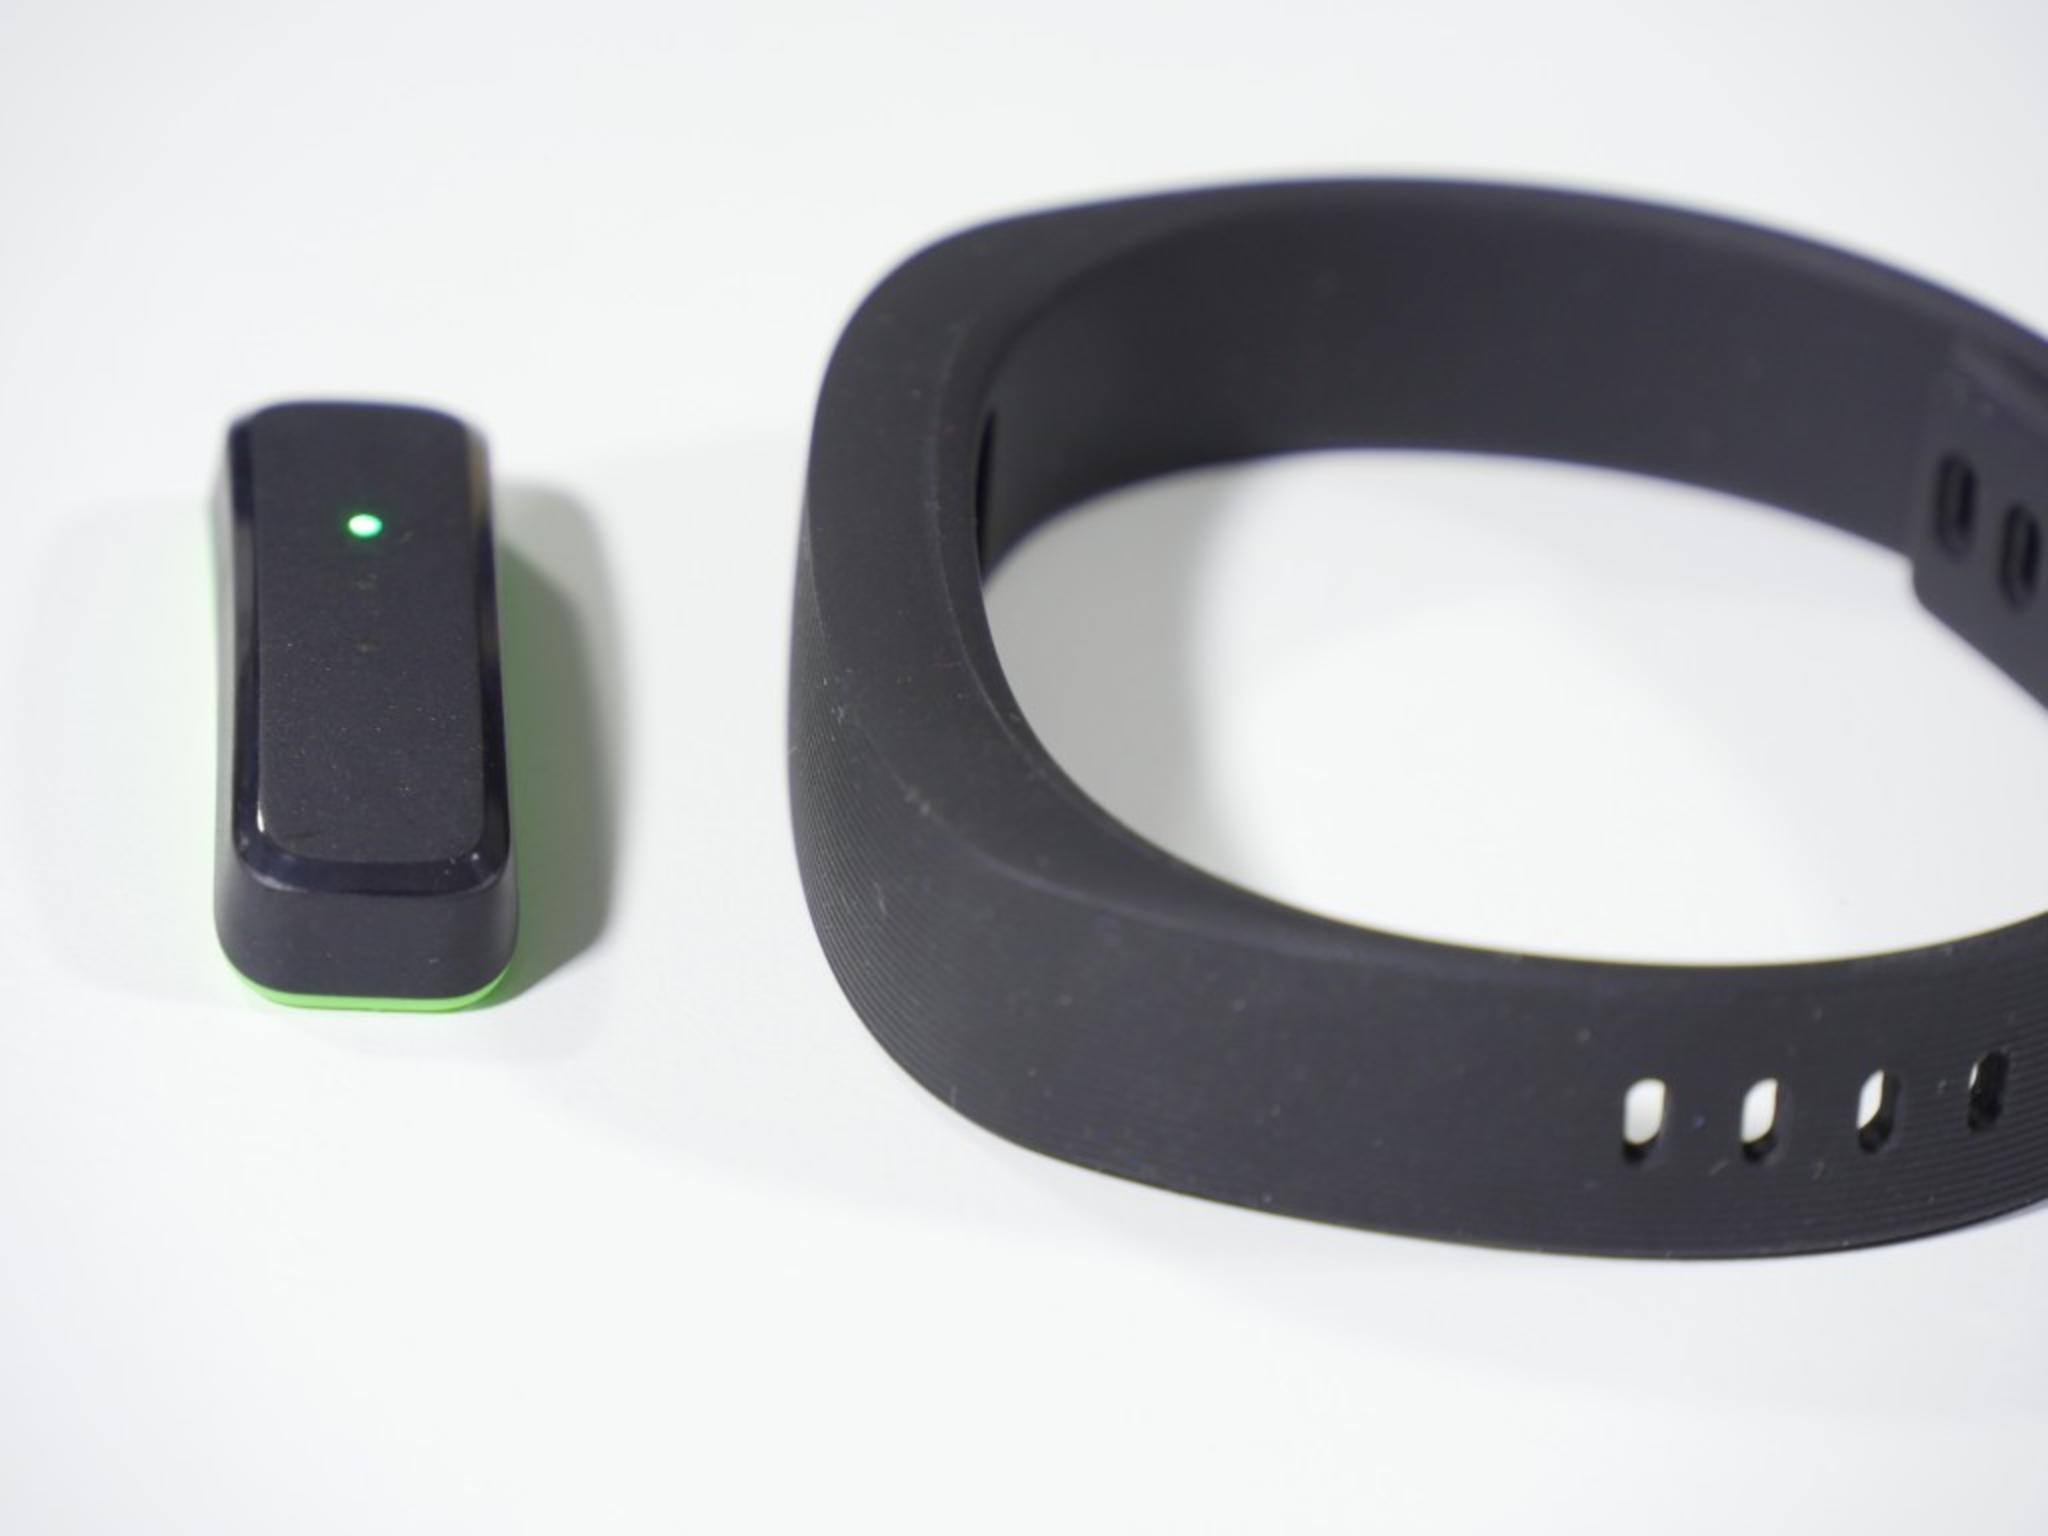 Statt Display besitzt die Sensoreinheit drei LEDs.